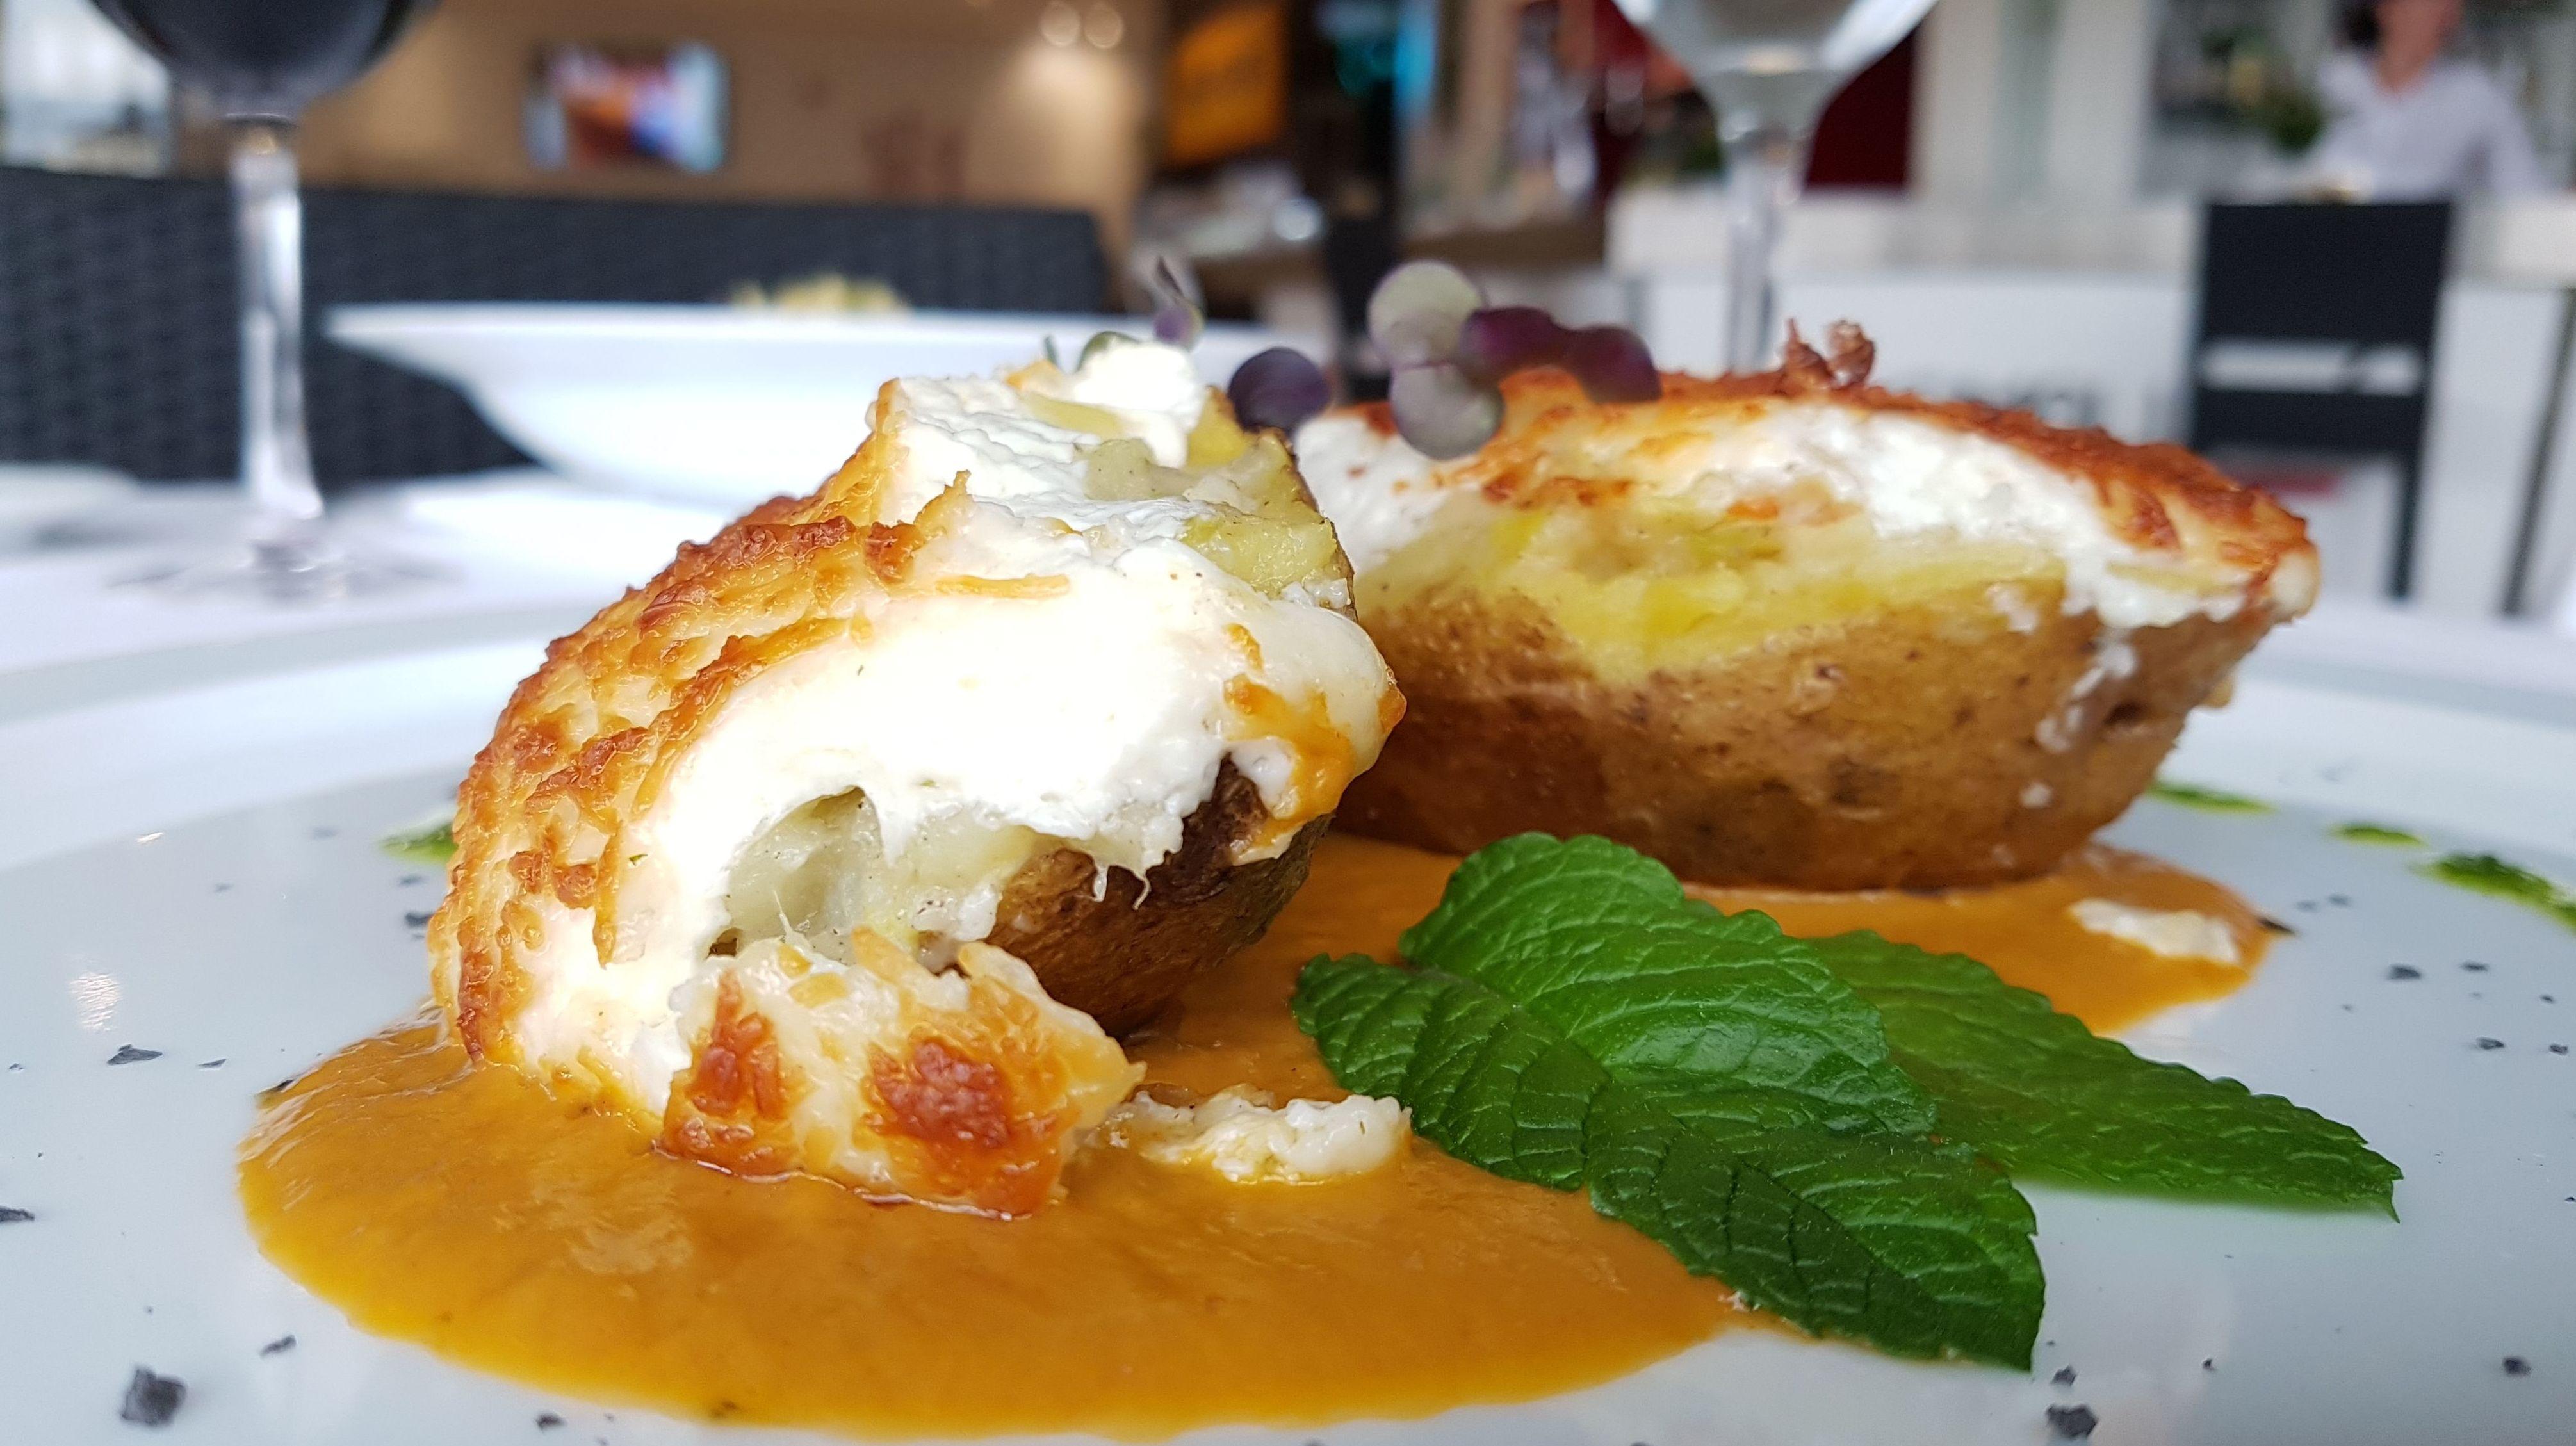 Foto 9 de Restaurantes en Rivas Vaciamadrid | Restaurante Somallao Sercotel Rivas